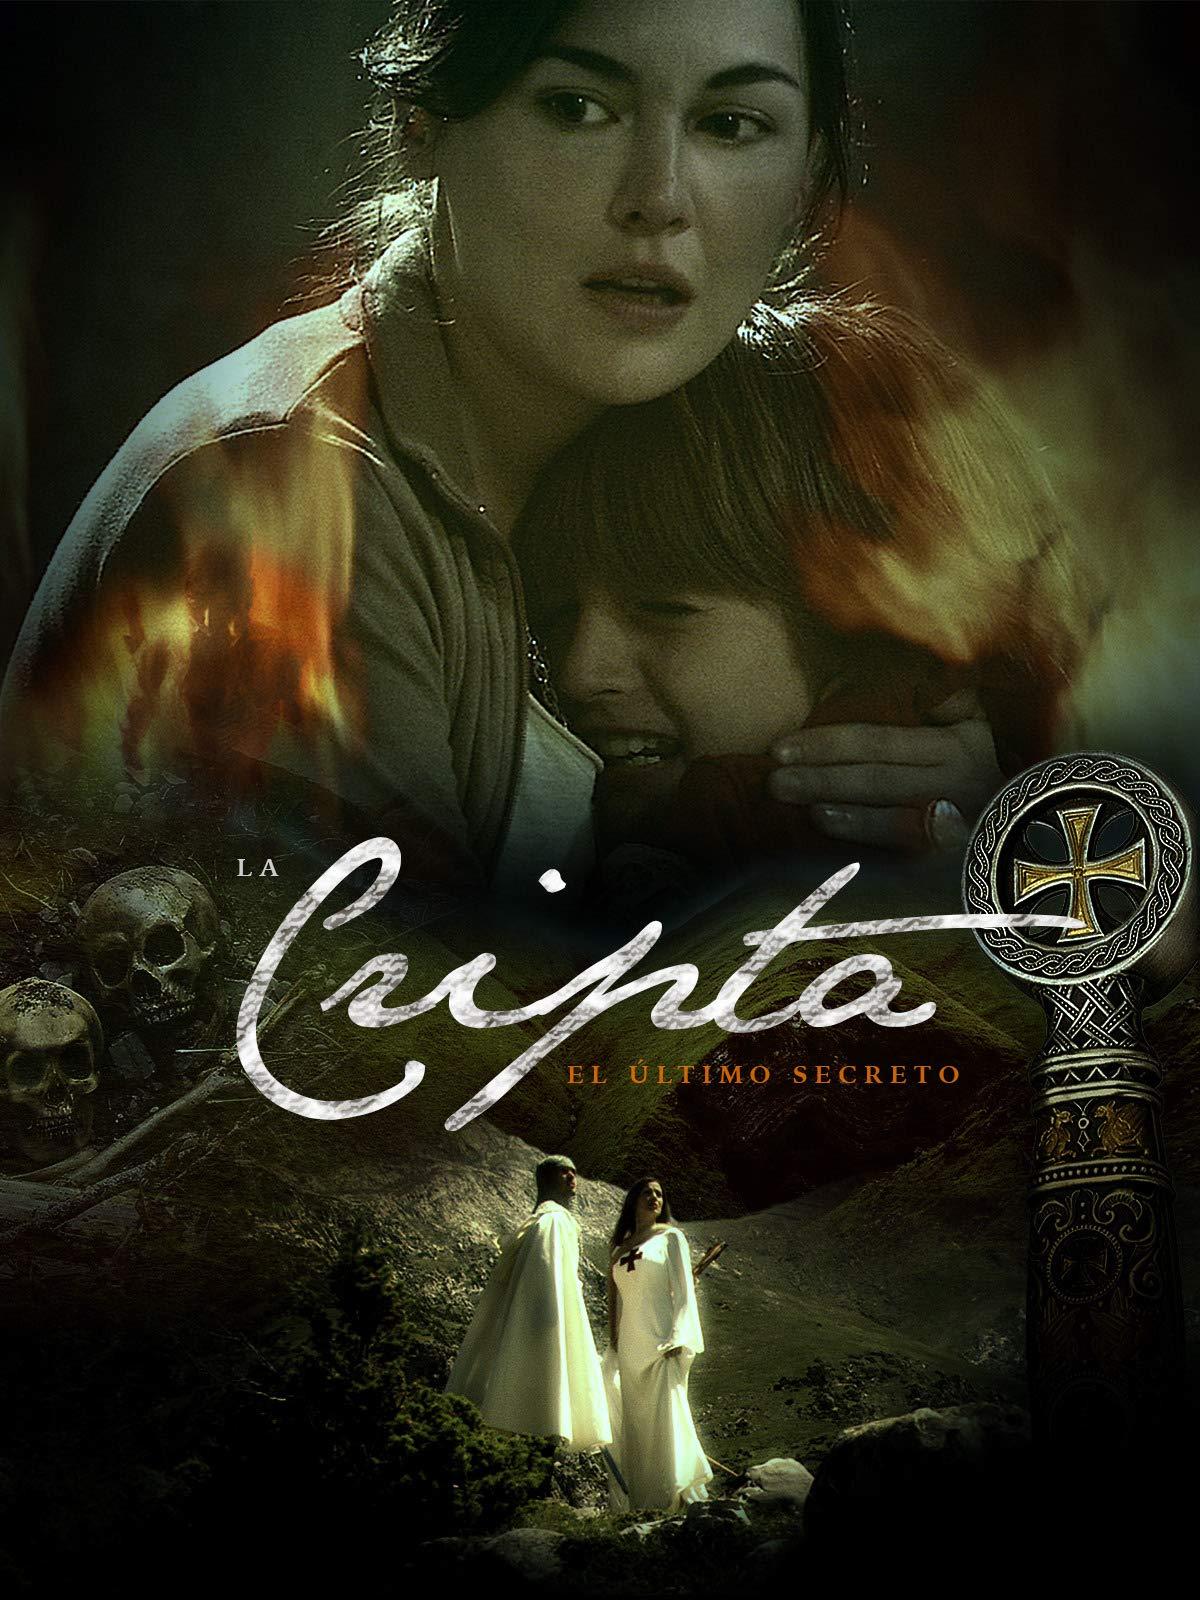 The Crypt. The Last Secret (La Cripta)